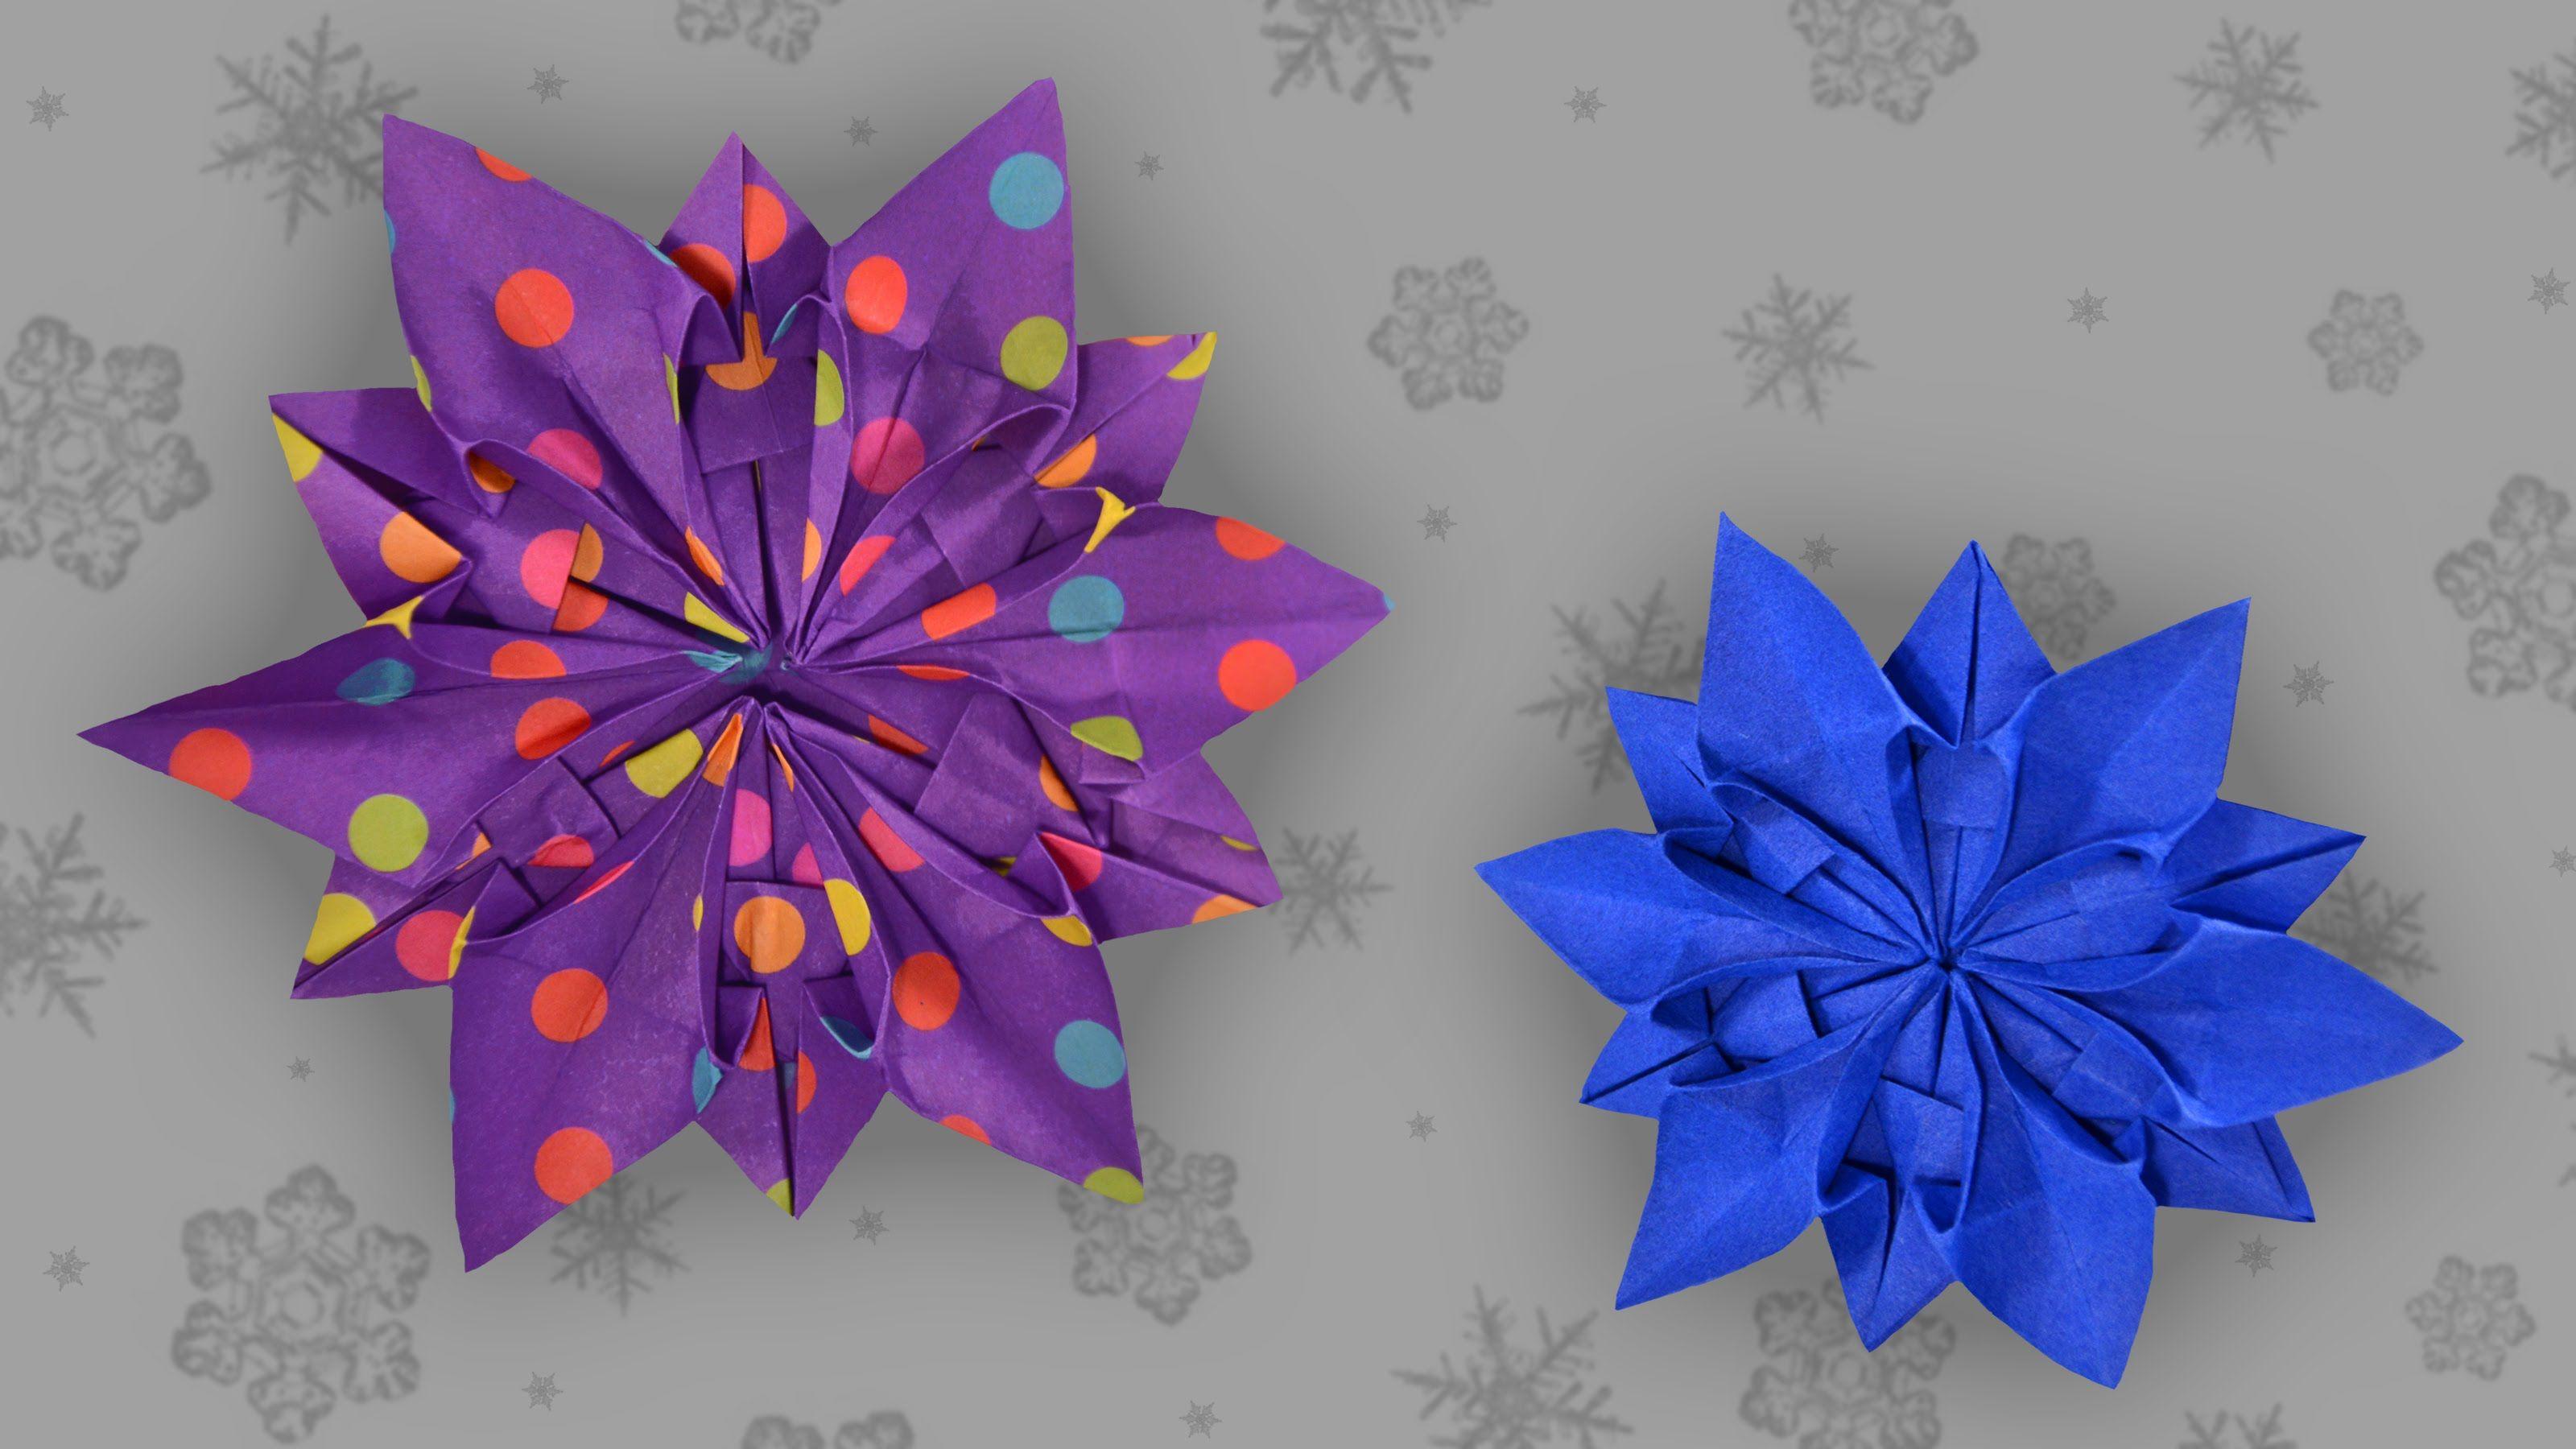 Diese Origami Schneeflocke Ist Eine Wunderschöne